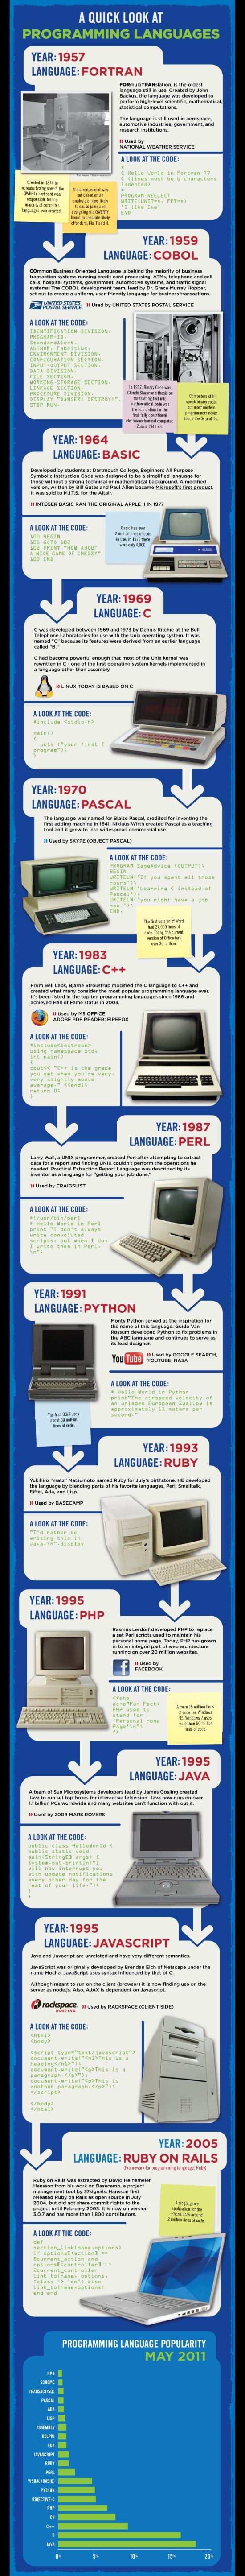 infografic-istoria-limbajelor-programare-Rackspace